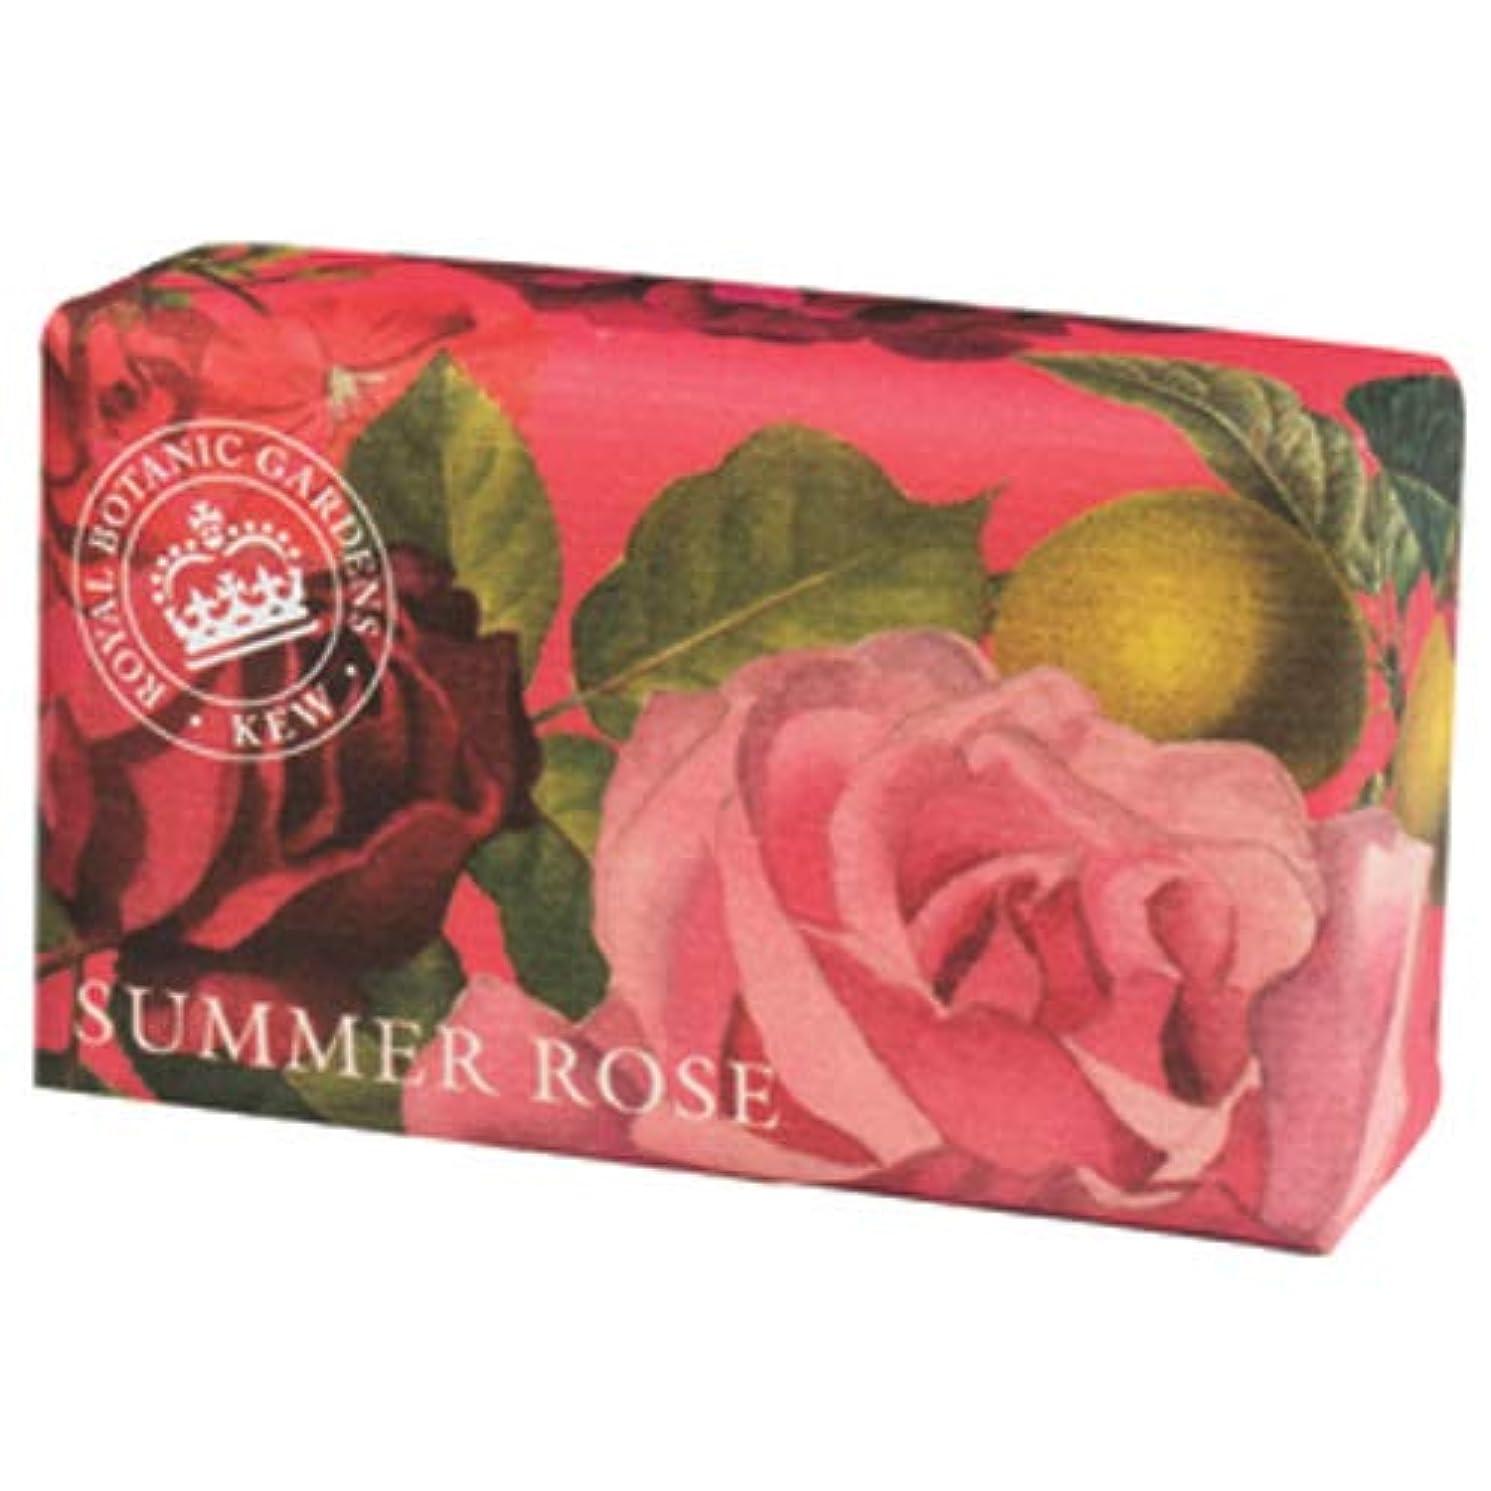 家全国正確にEnglish Soap Company イングリッシュソープカンパニー KEW GARDEN キュー?ガーデン Luxury Shea Soaps シアソープ Summer Rose サマーローズ